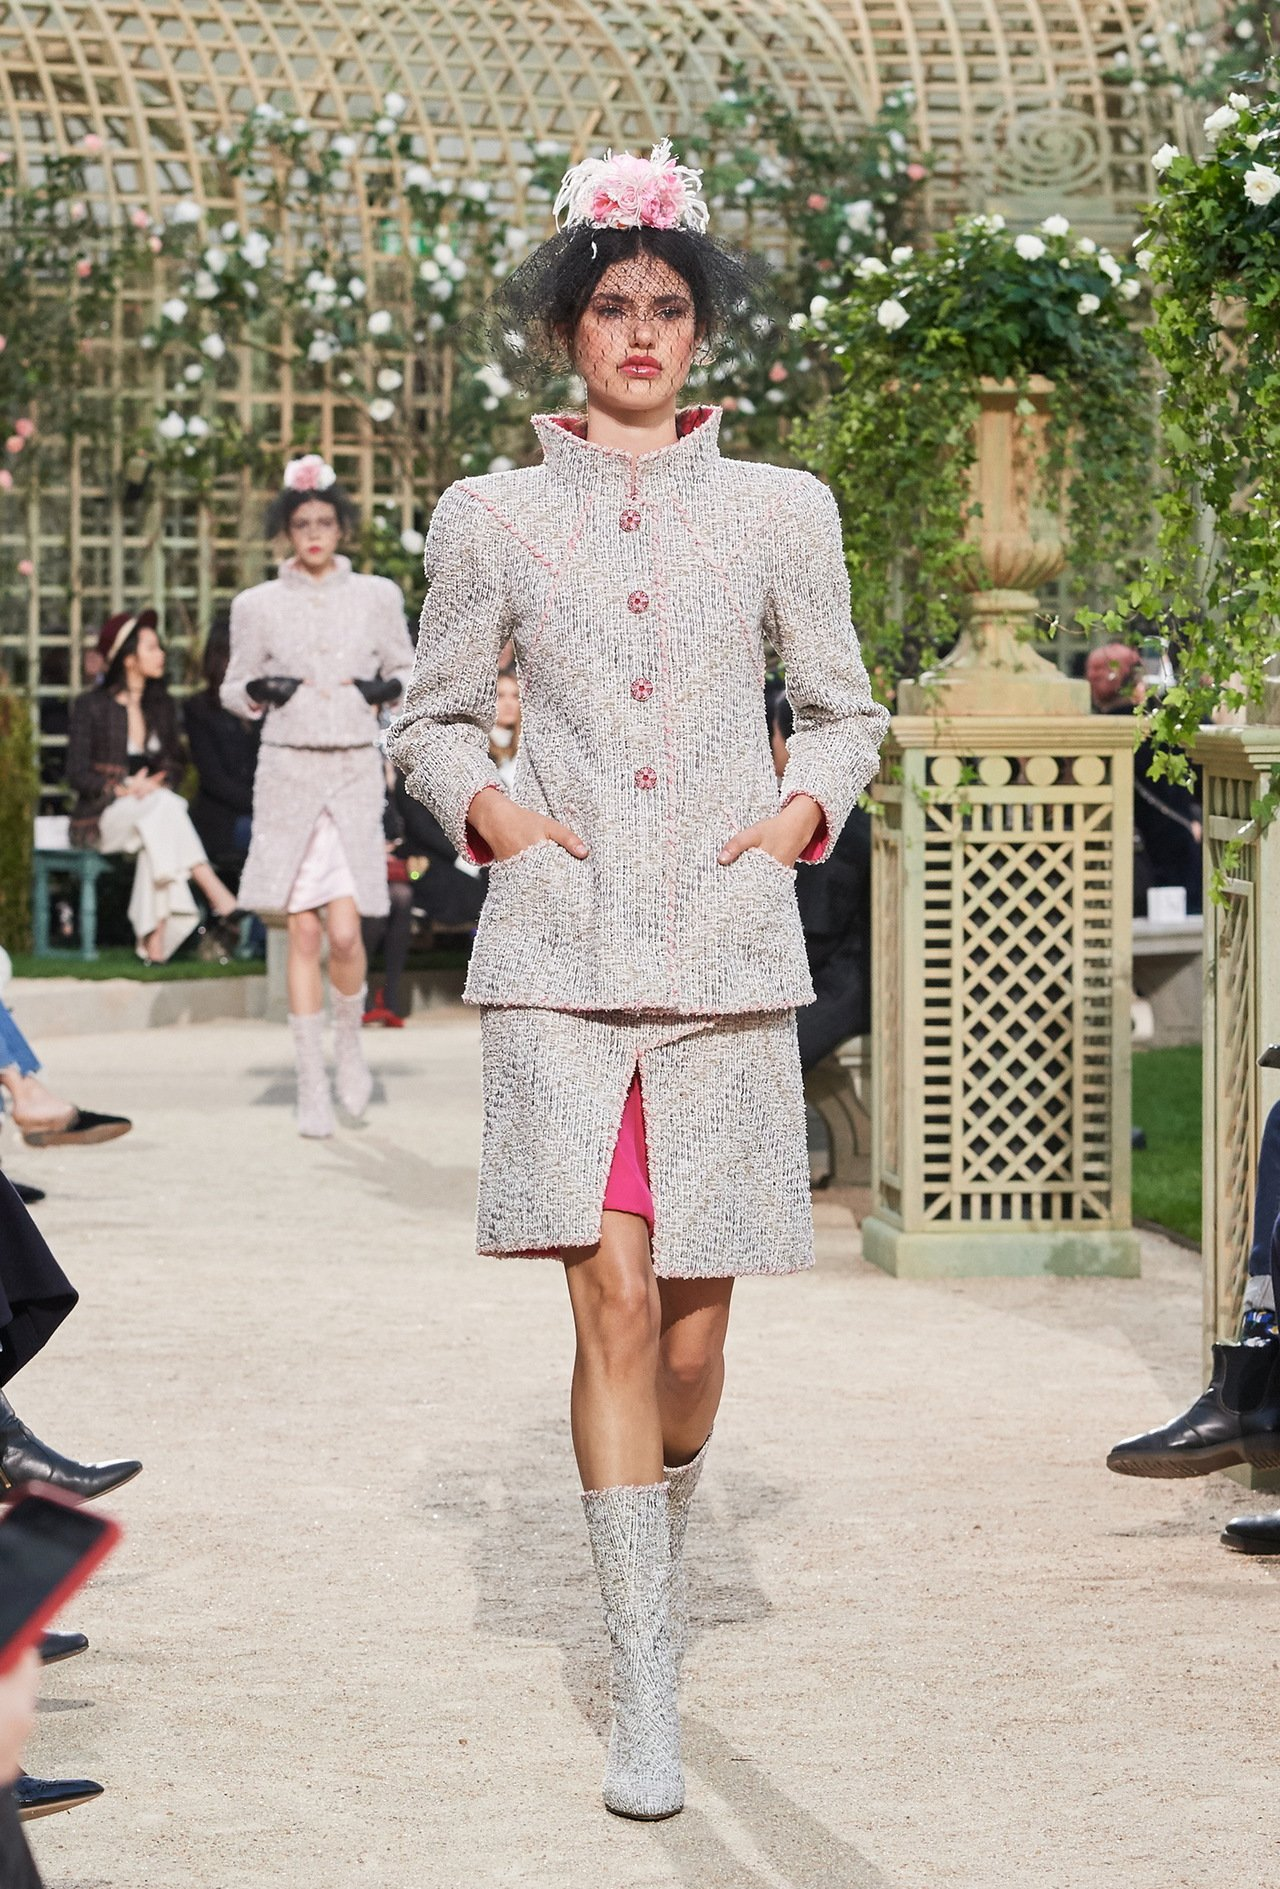 短裙以開衩細節秀出鮮明色彩的綢緞襯裡,帶出撞色對比效果。圖/香奈兒提供